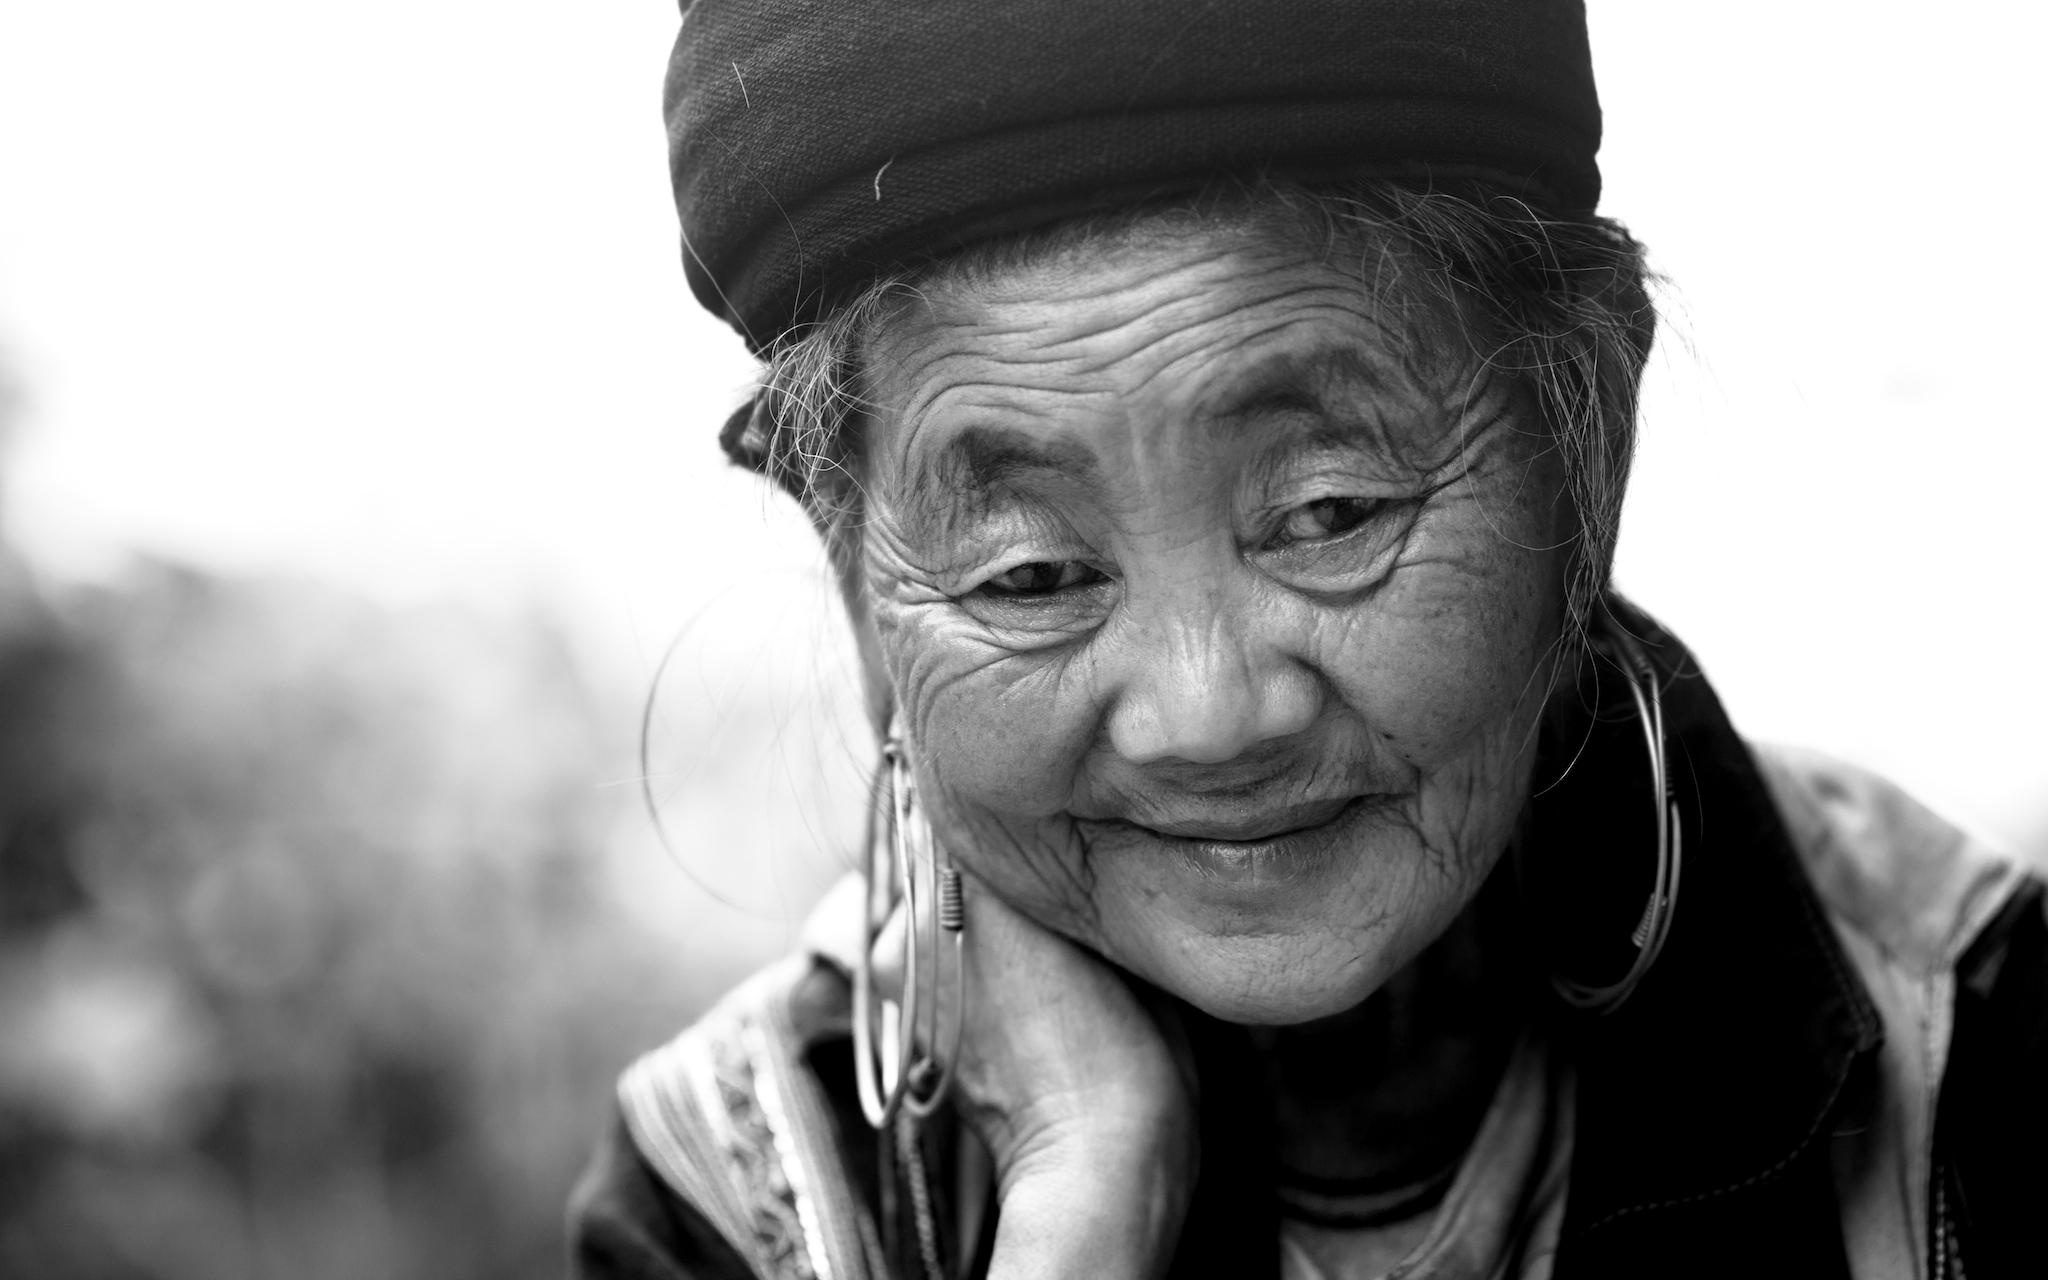 Taken in Vietnam.